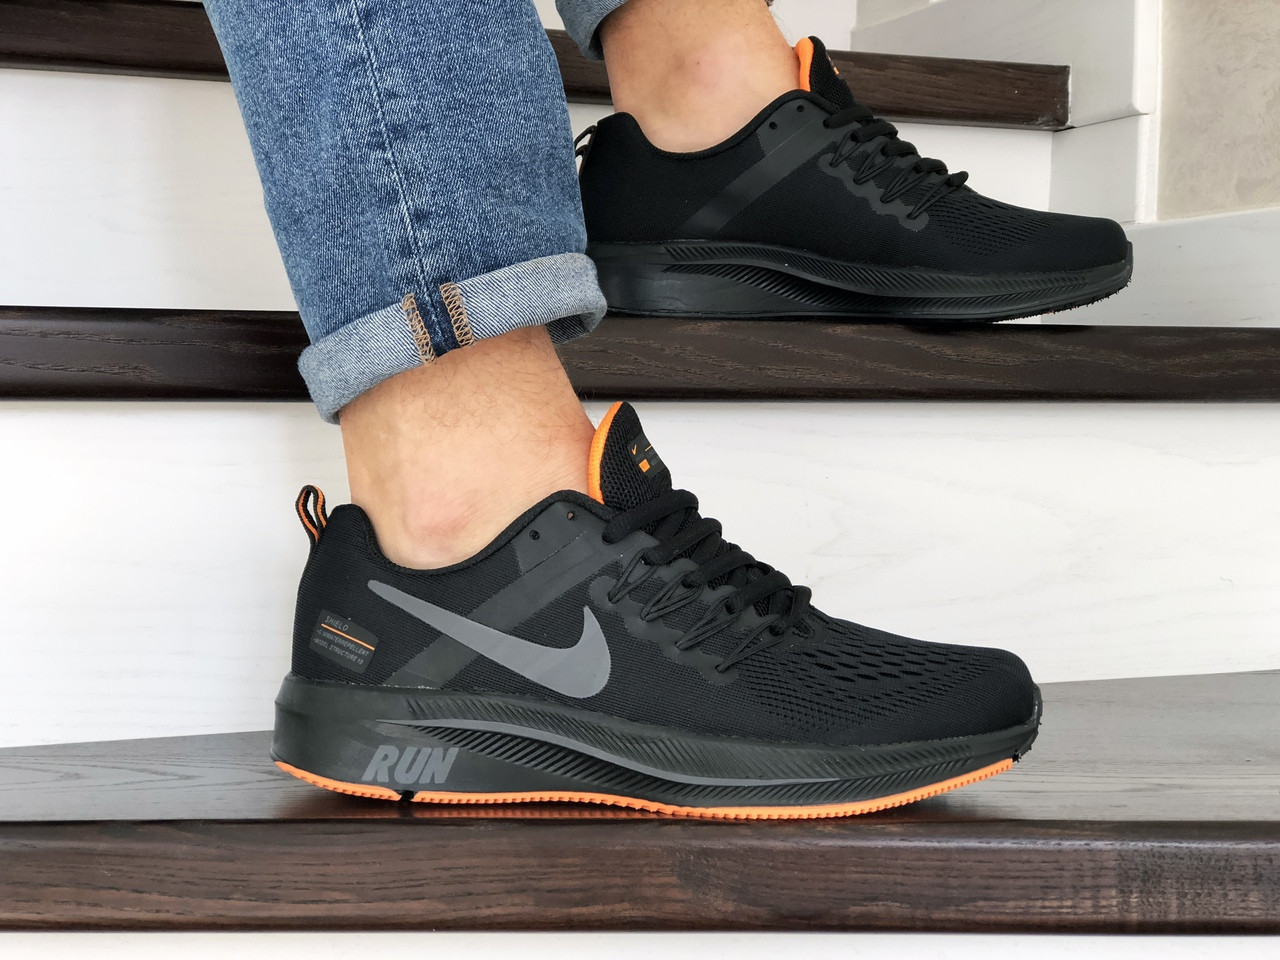 Мужские текстильные кроссовки Nike Run shield,черные